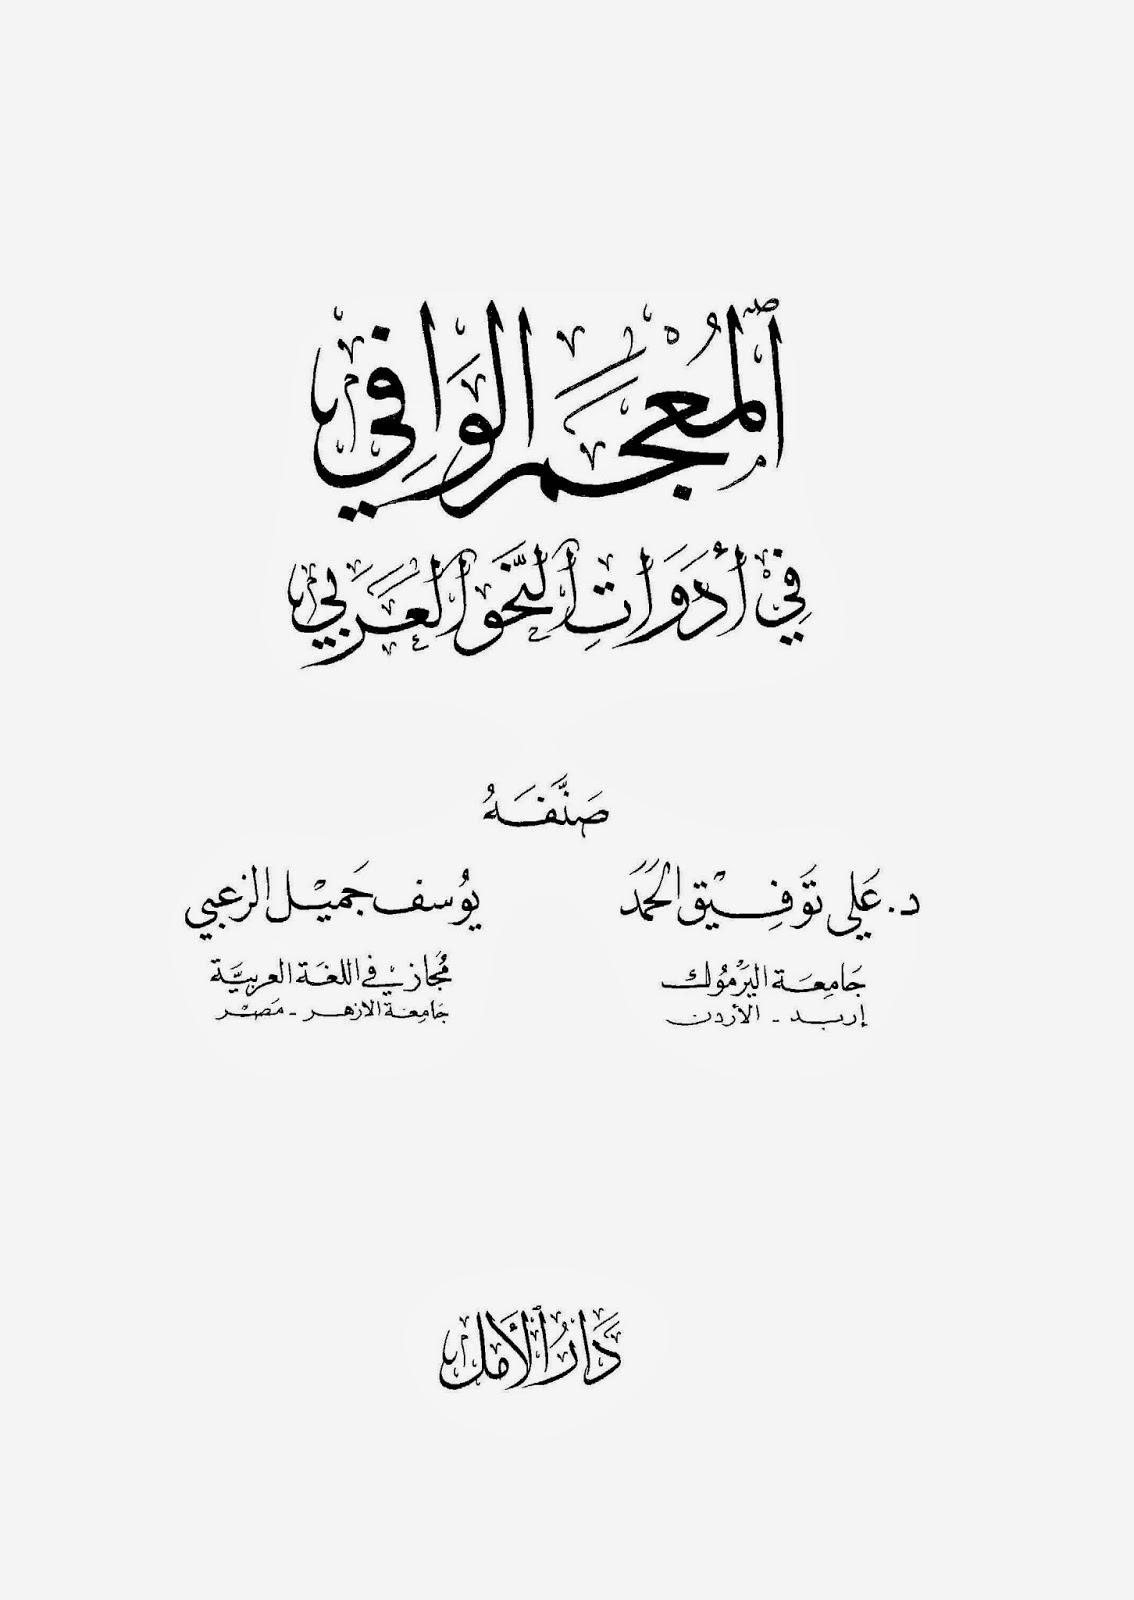 المعجم الوافي في أدوات النحو العربي - علي الحمد و يوسف الزعبي pdf